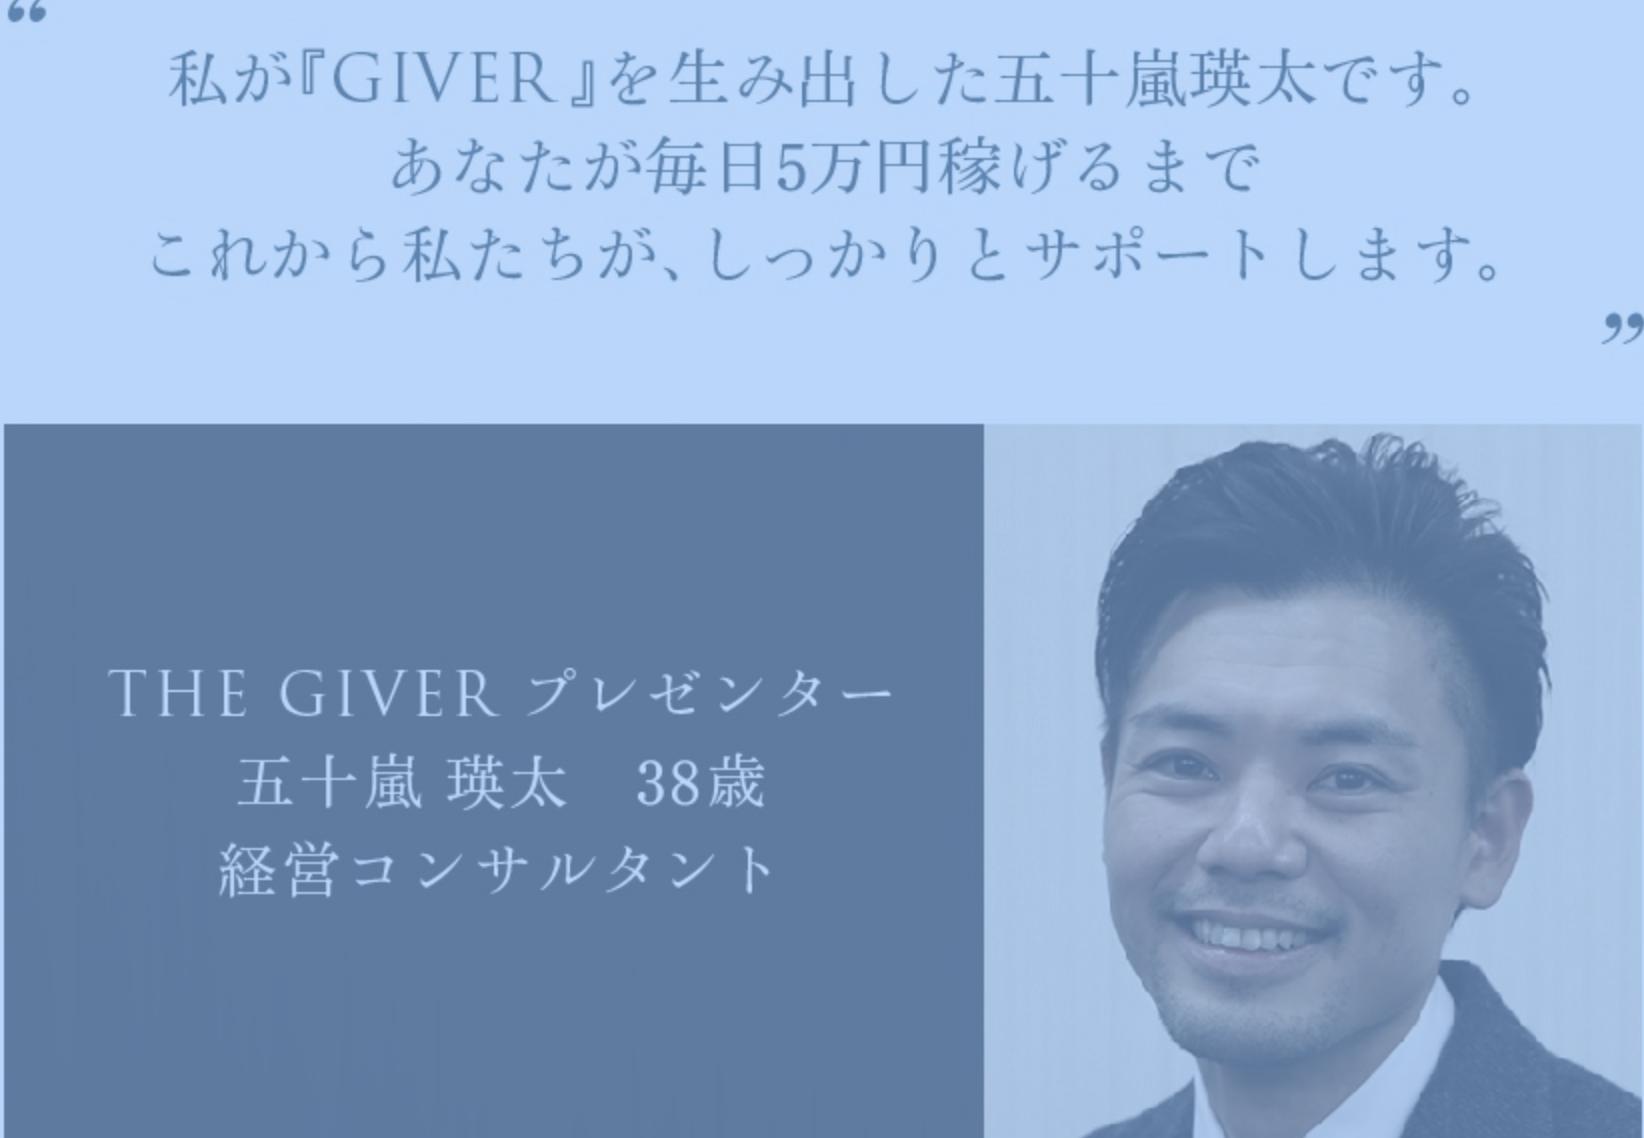 五十嵐瑛太のTHE GIVER PROJECT(ギバープロジェクト)レター